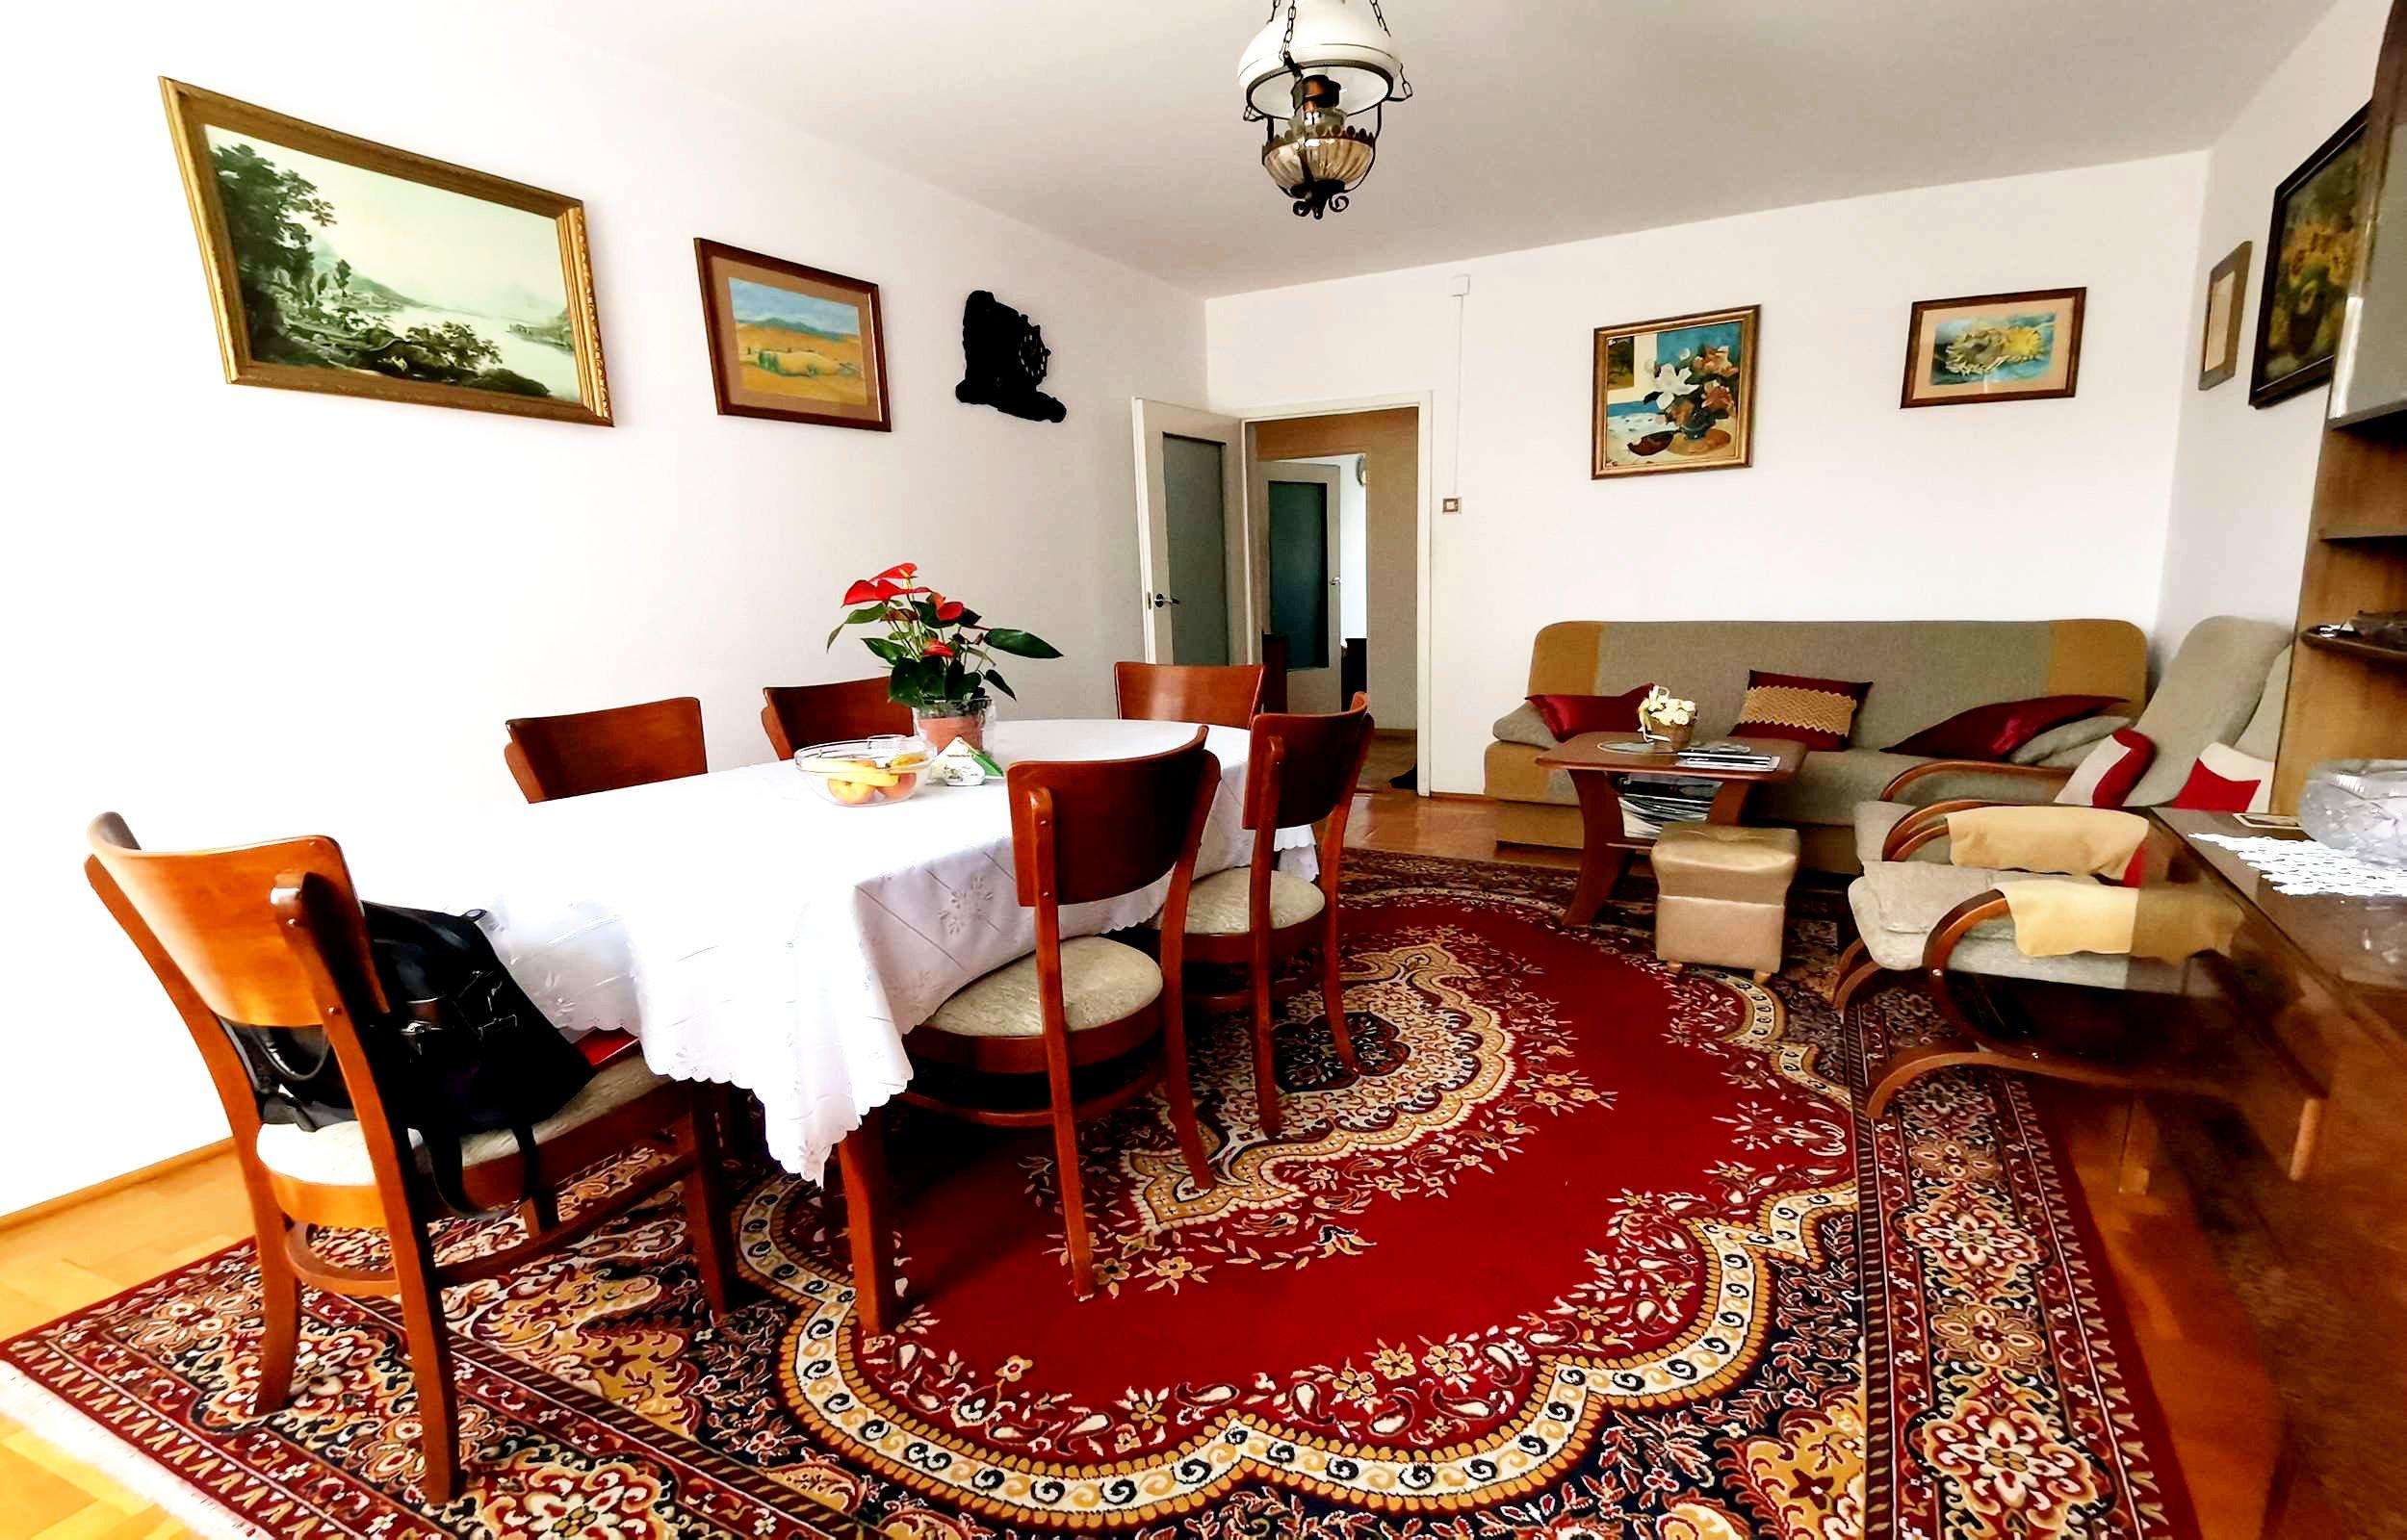 mieszkanie zamosc sprzedaz listopadowa - mieszkanie na sprzedaż - Krzysztof Górski Nieruchomości Zamość